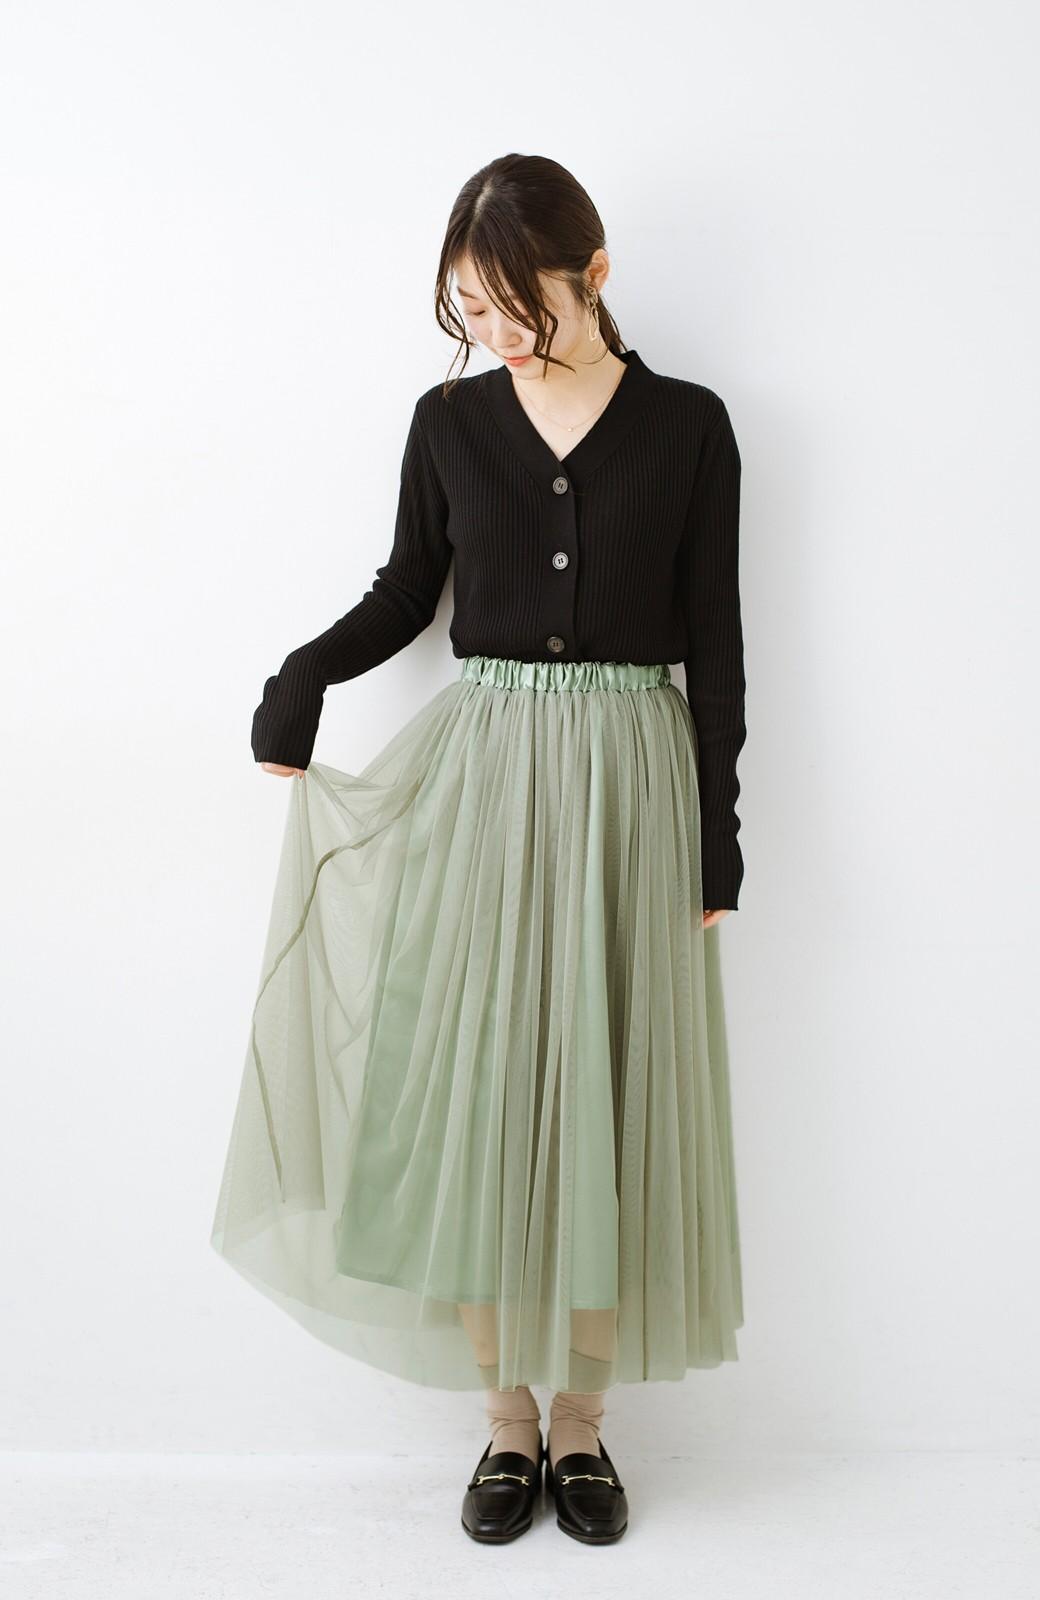 haco! 着るだけでルンとした気分になる! 長ーーい季節着られてずっと使えるオトナのためのチュールスカート <グリーン>の商品写真15